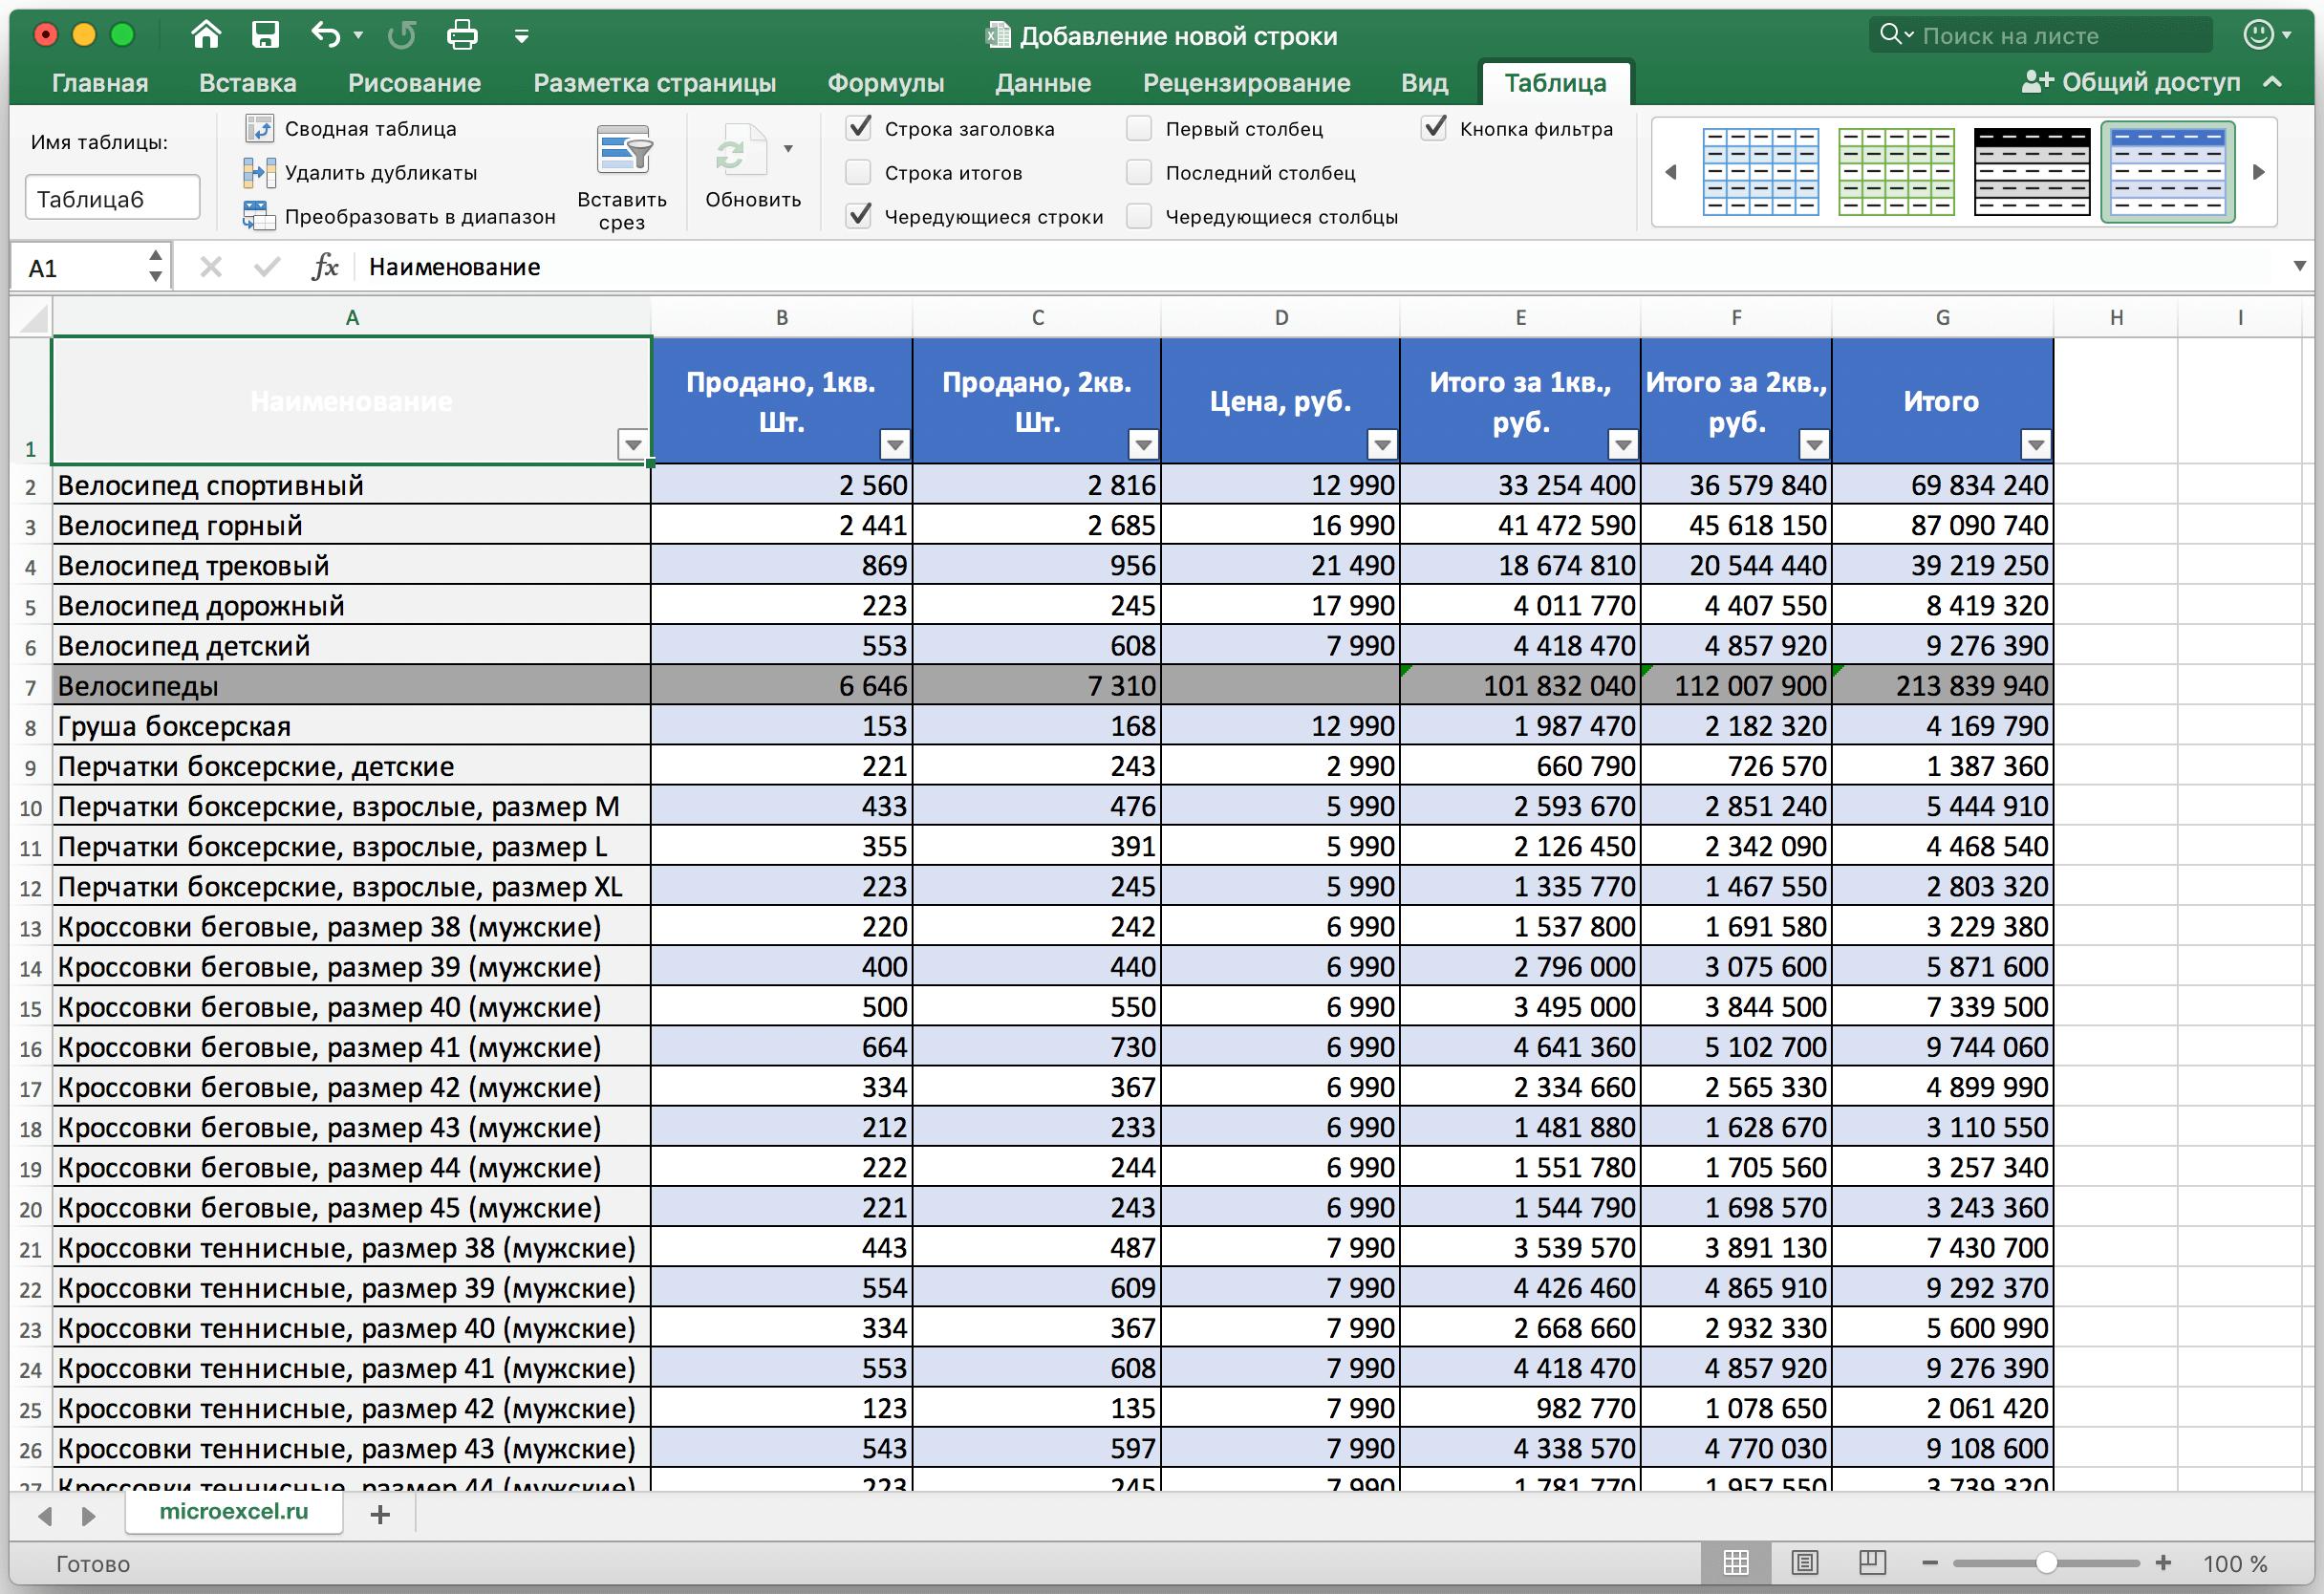 Как создать умную таблицу